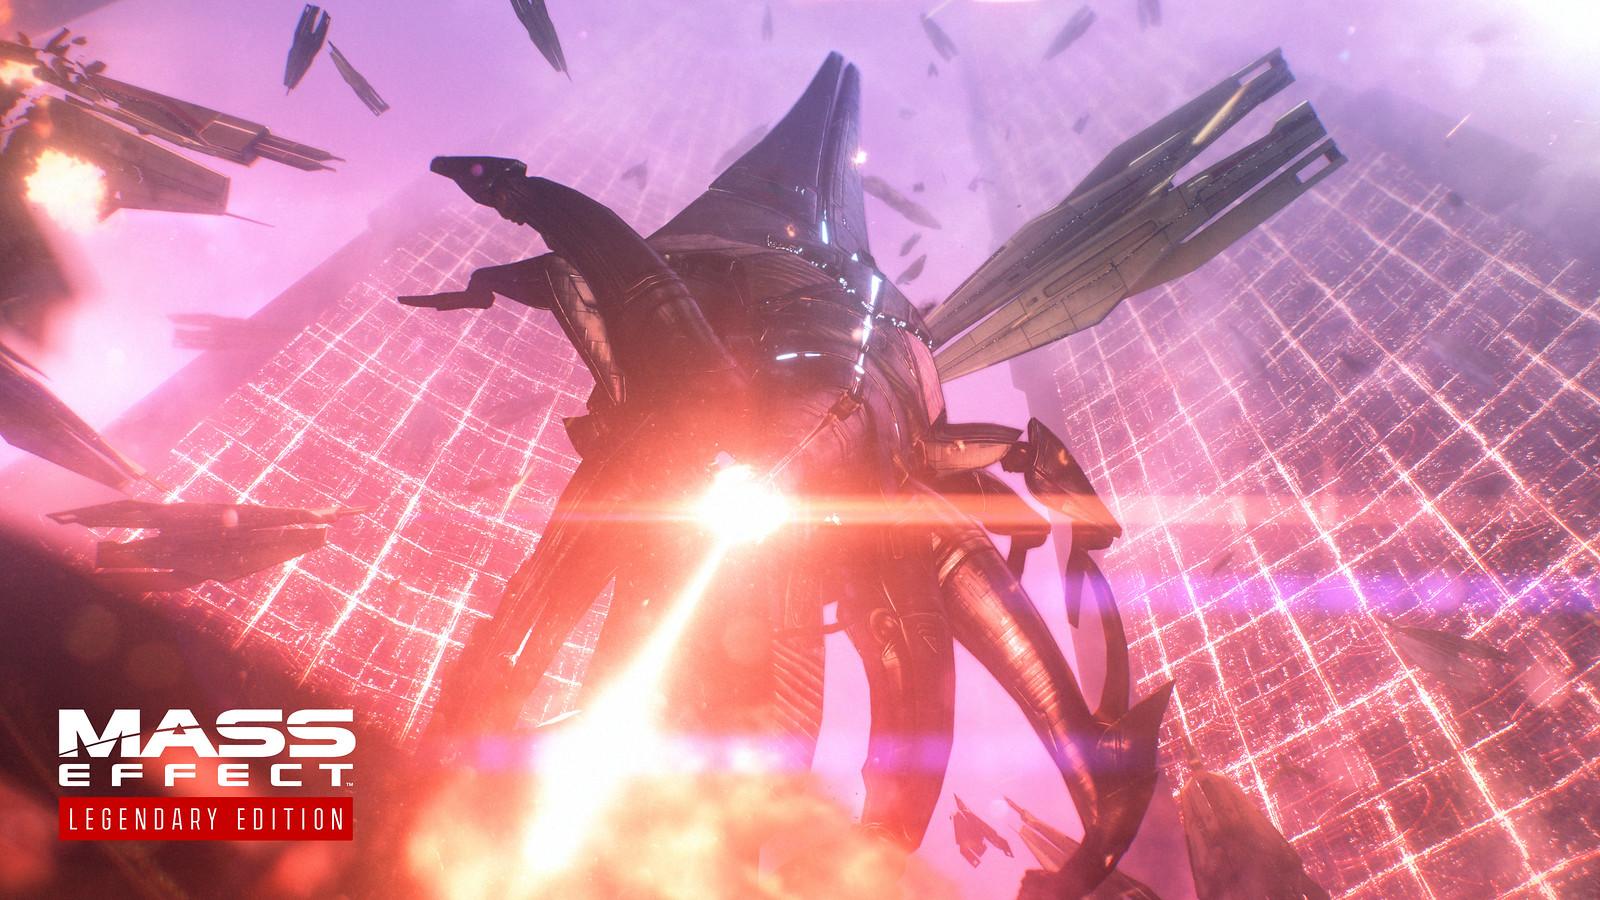 Sovereign assaults the Citadel in Mass Effect.